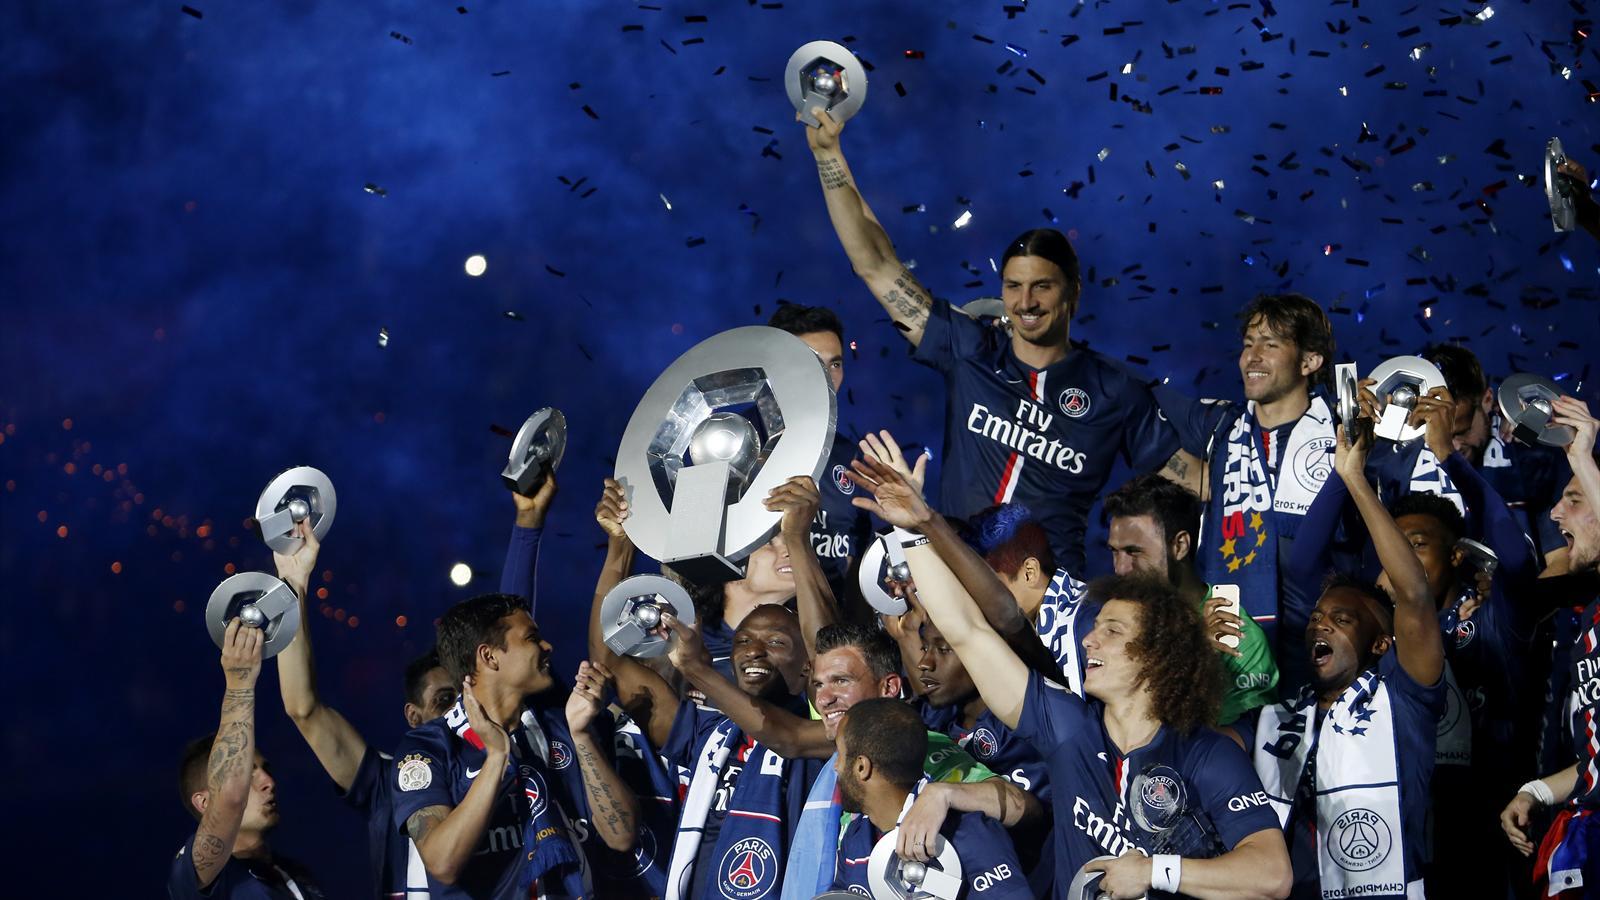 Prochaine rencontre euro 2016